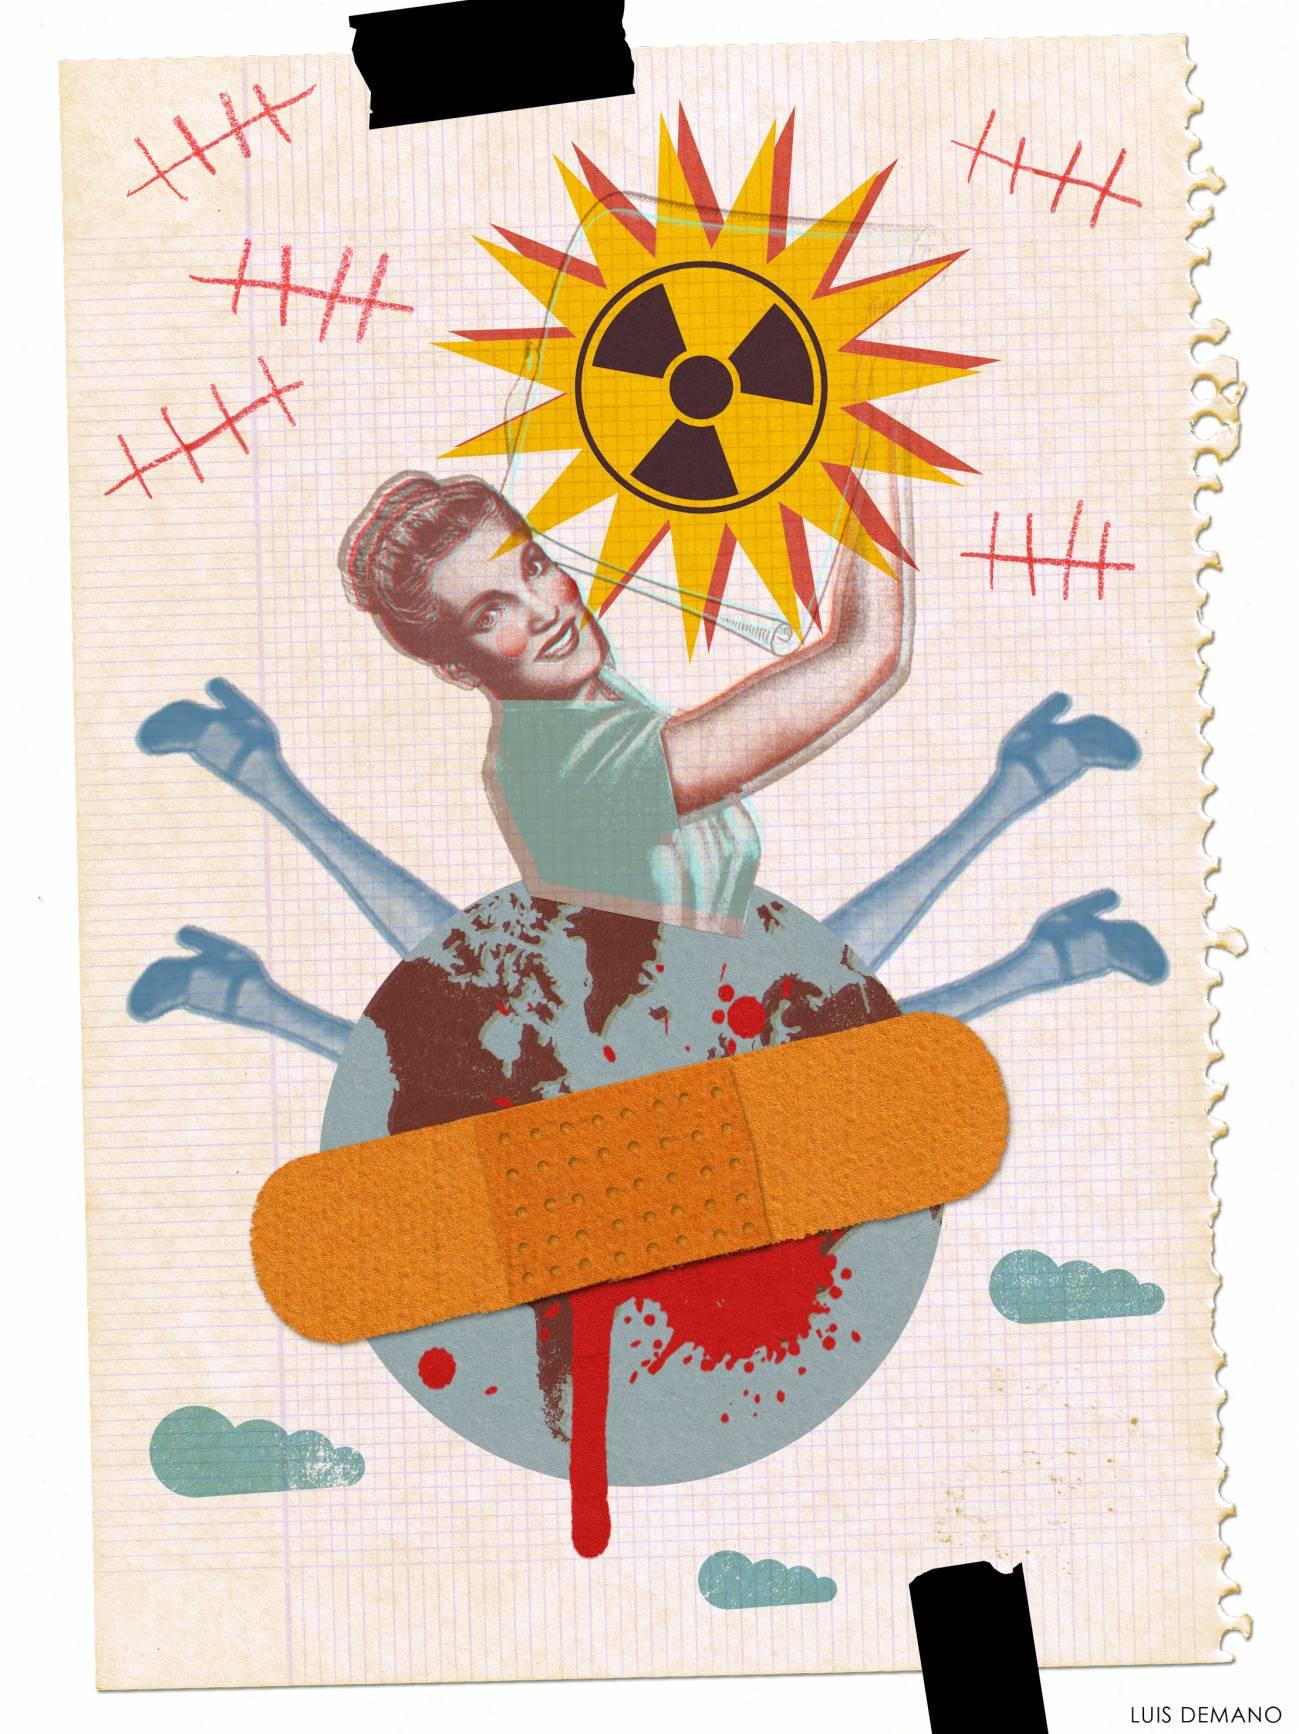 El 16 de julio de 1945 comienza la era atómica con el primer test de la bomba nuclear